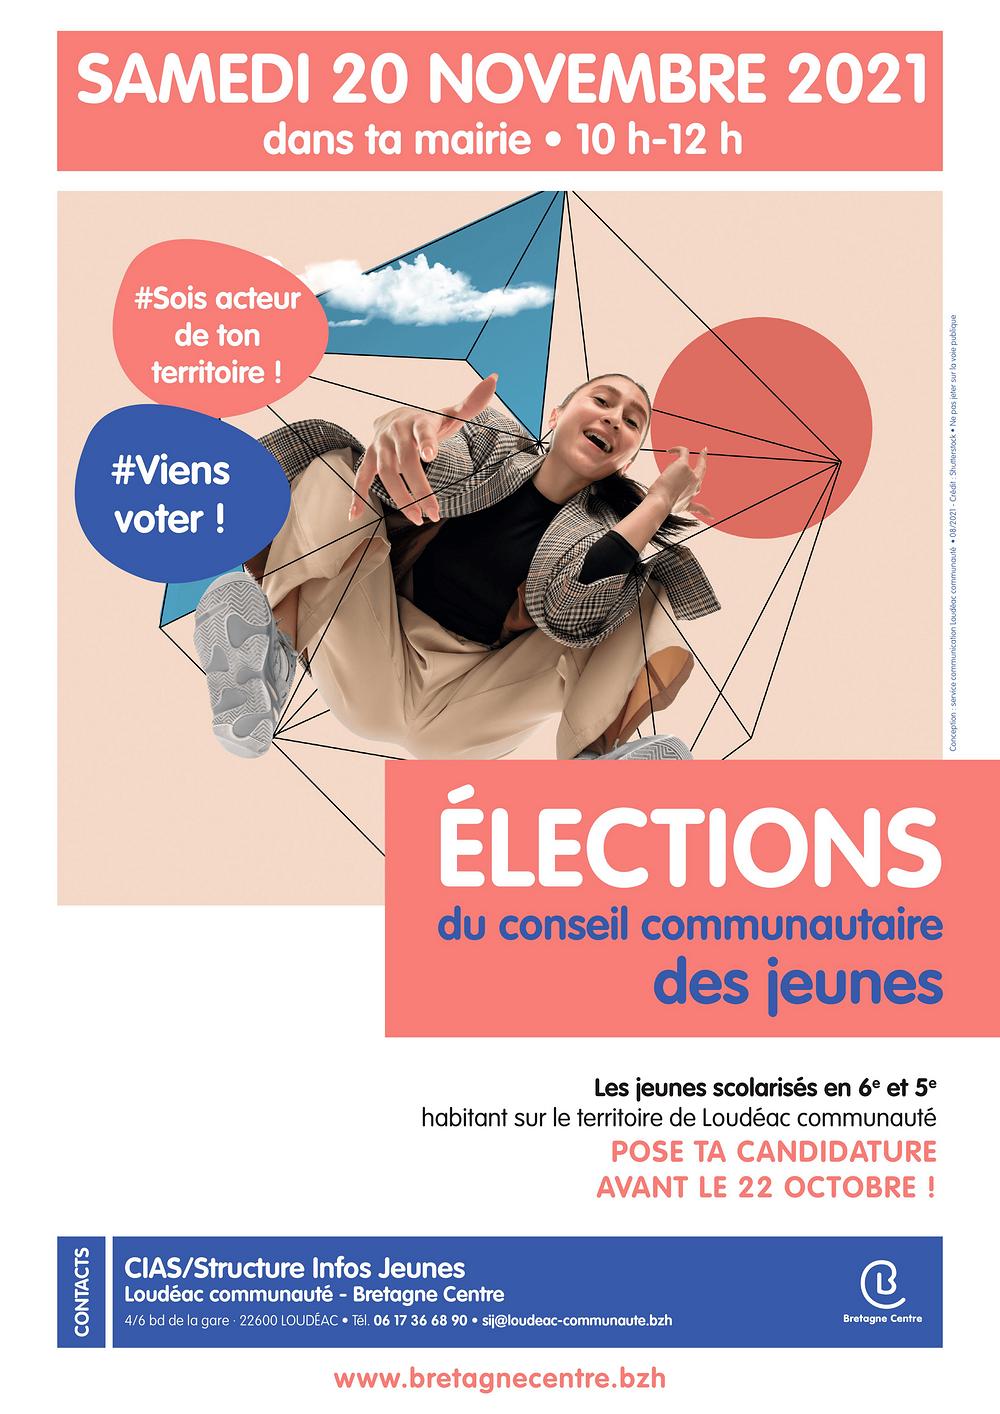 Élections Conseil Communautaire des jeunes le 20 novembre 2021 Candidature avant le 22 Octobre 0